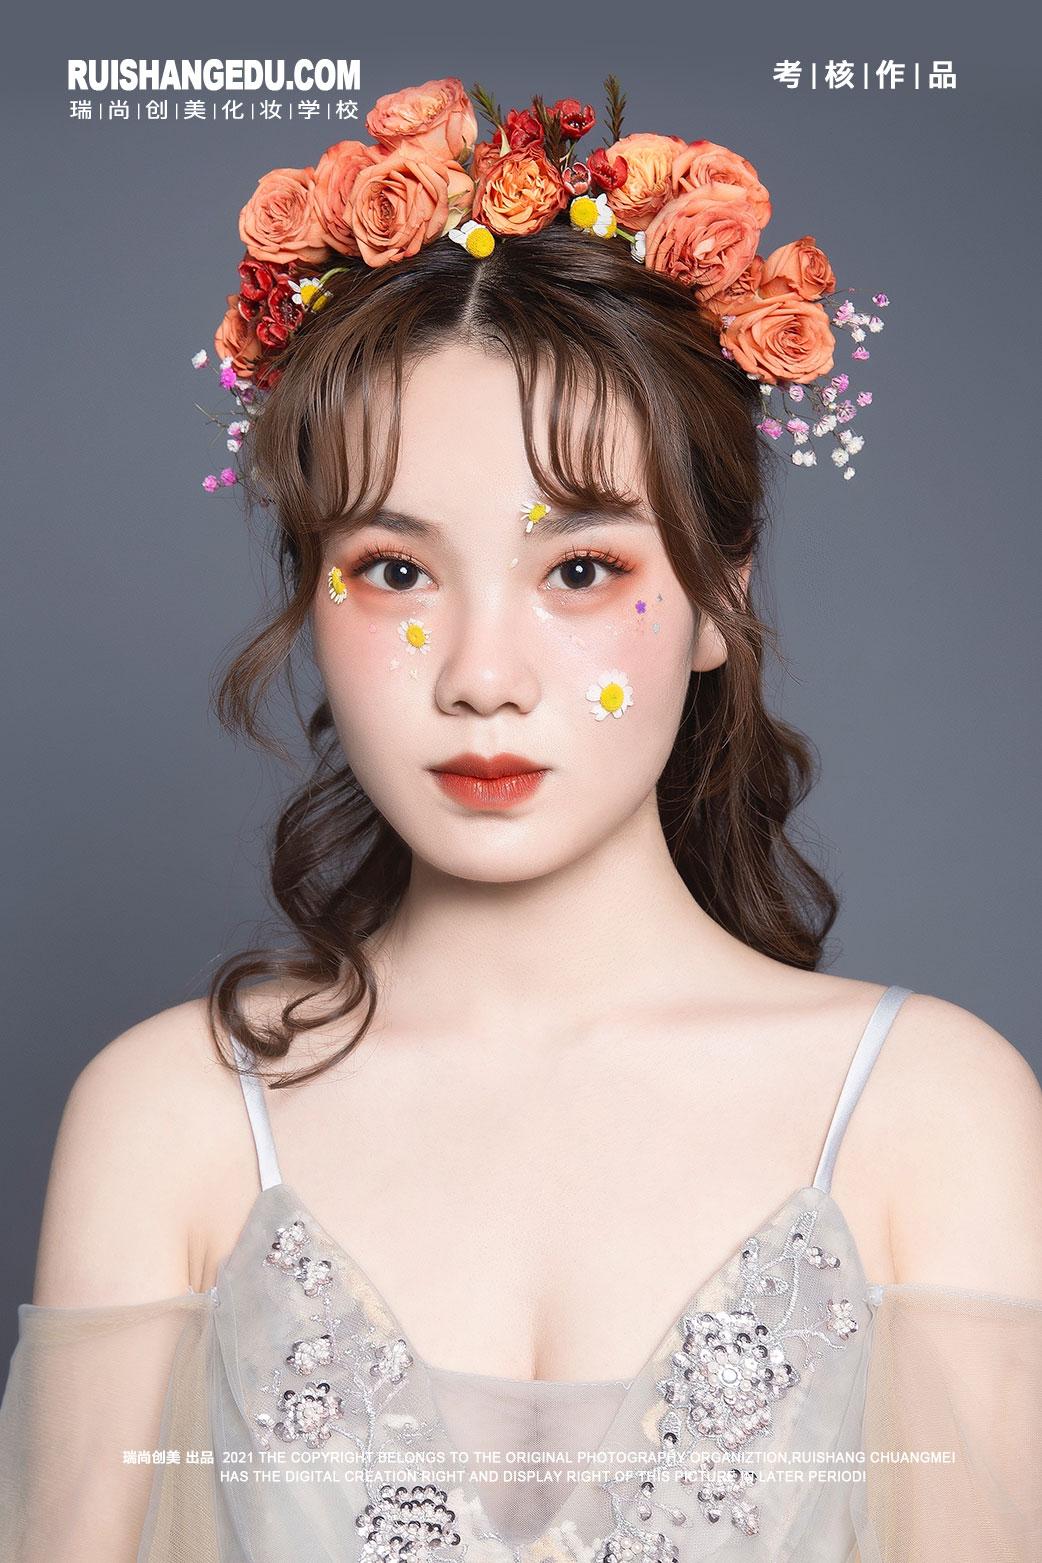 【瑞尚创美】影楼妆容造型大赏